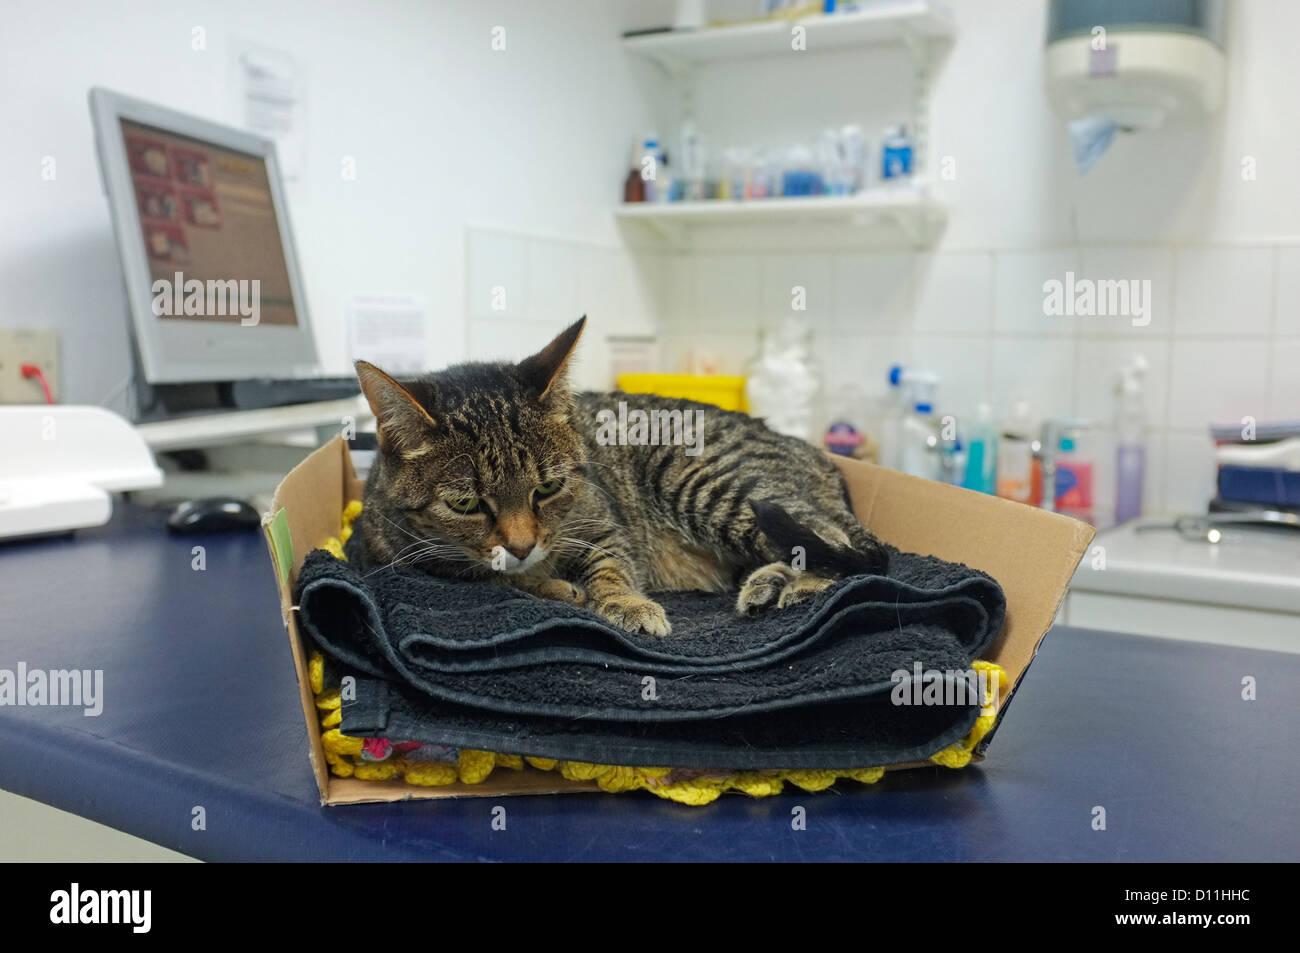 Un chat blessé juste apporté dans la chirurgie vétérinaire. Photo Stock